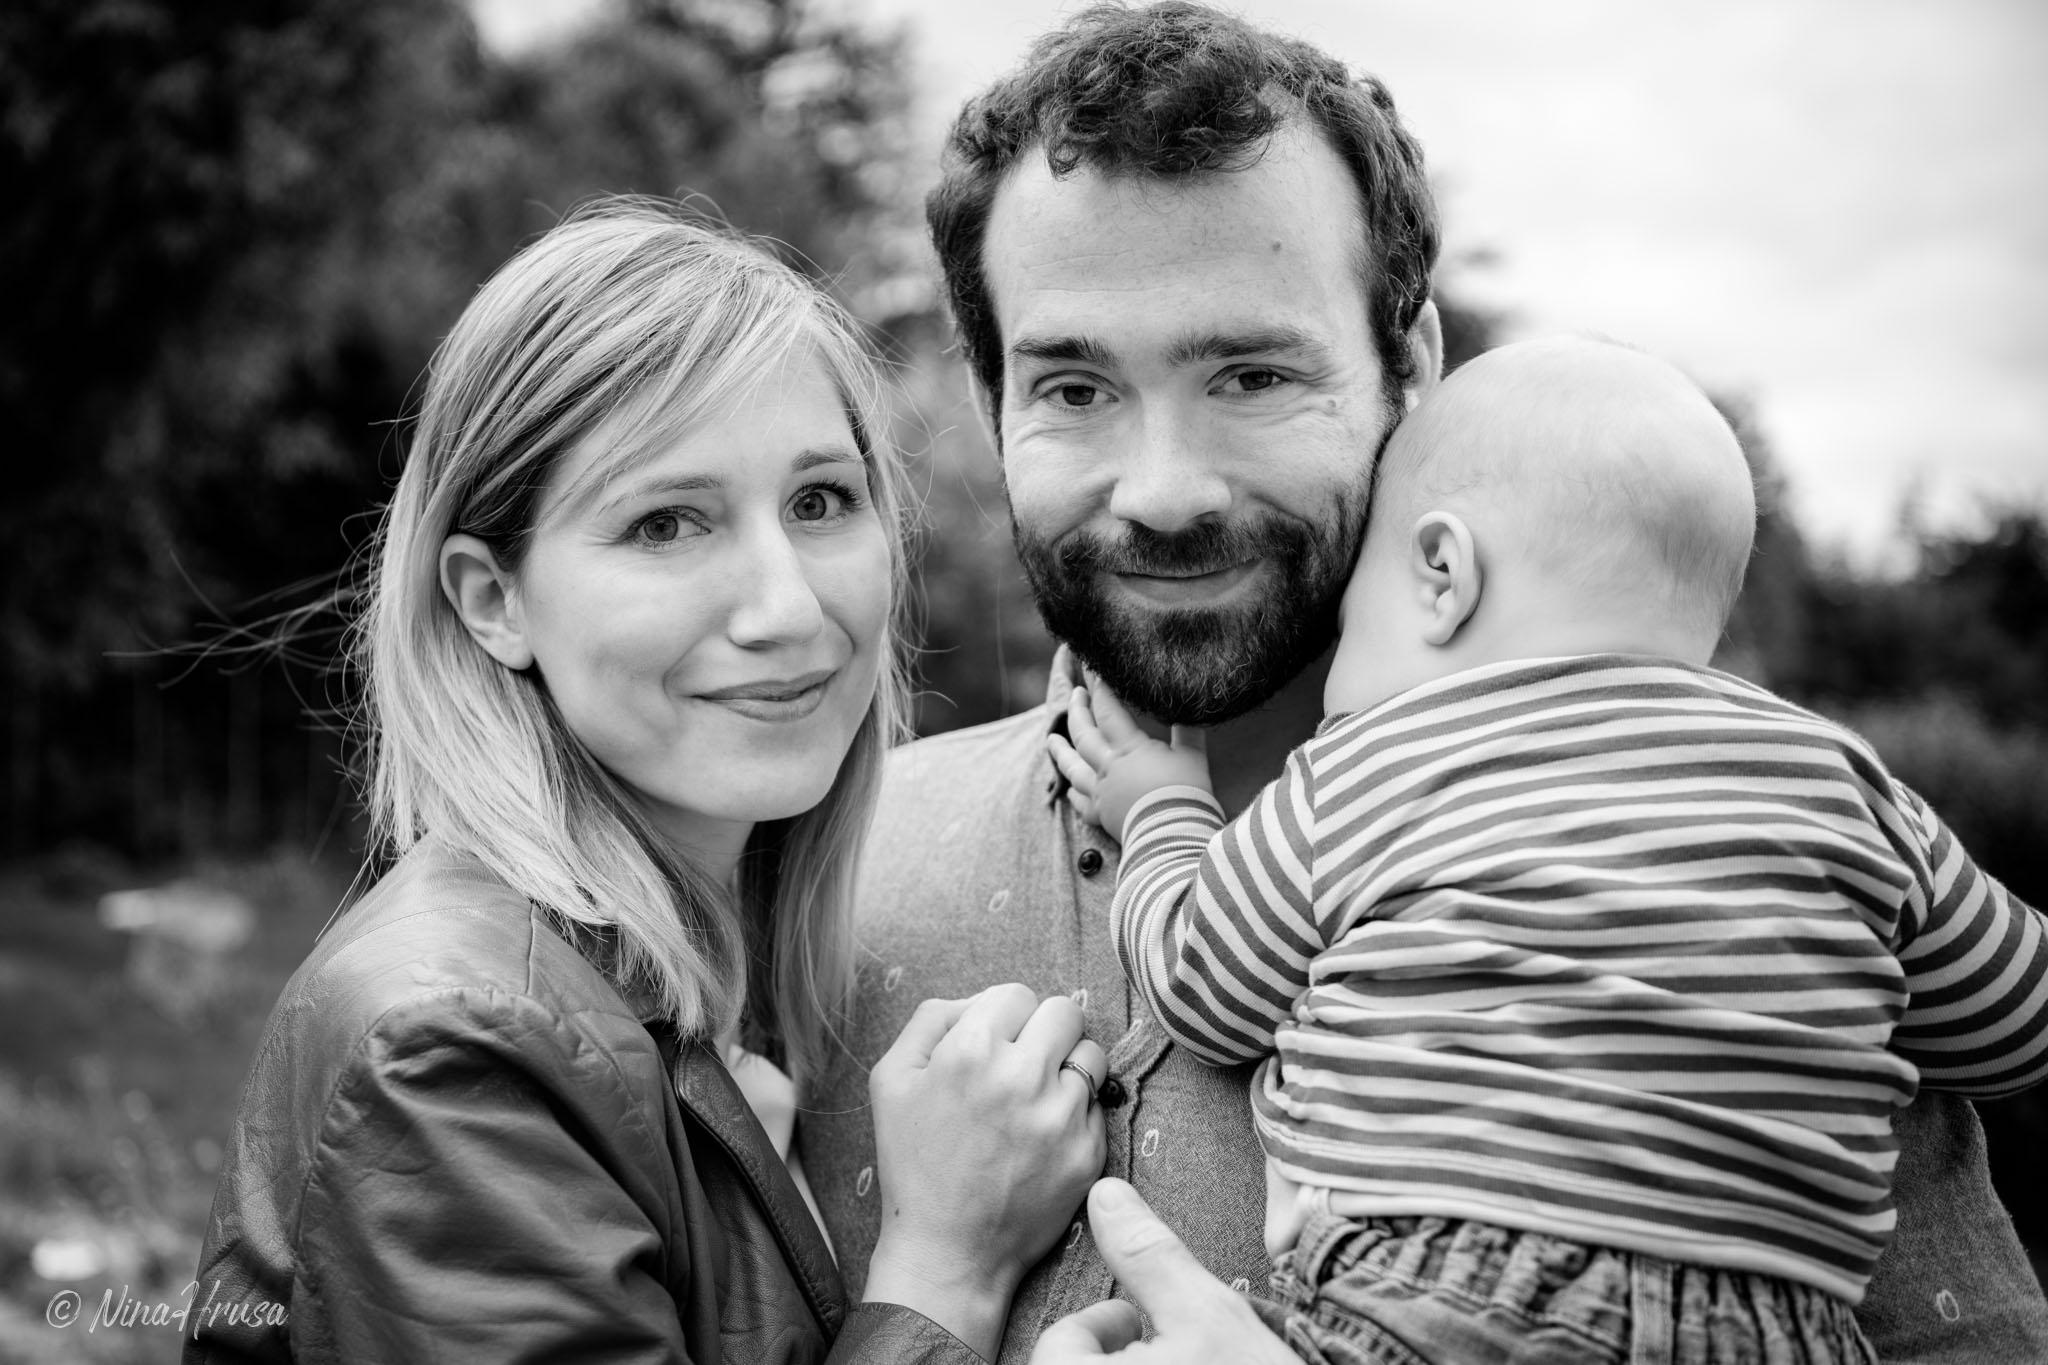 Familienfoto, schwarzweiß, Zwischenmomente | Nina Hrusa Photography